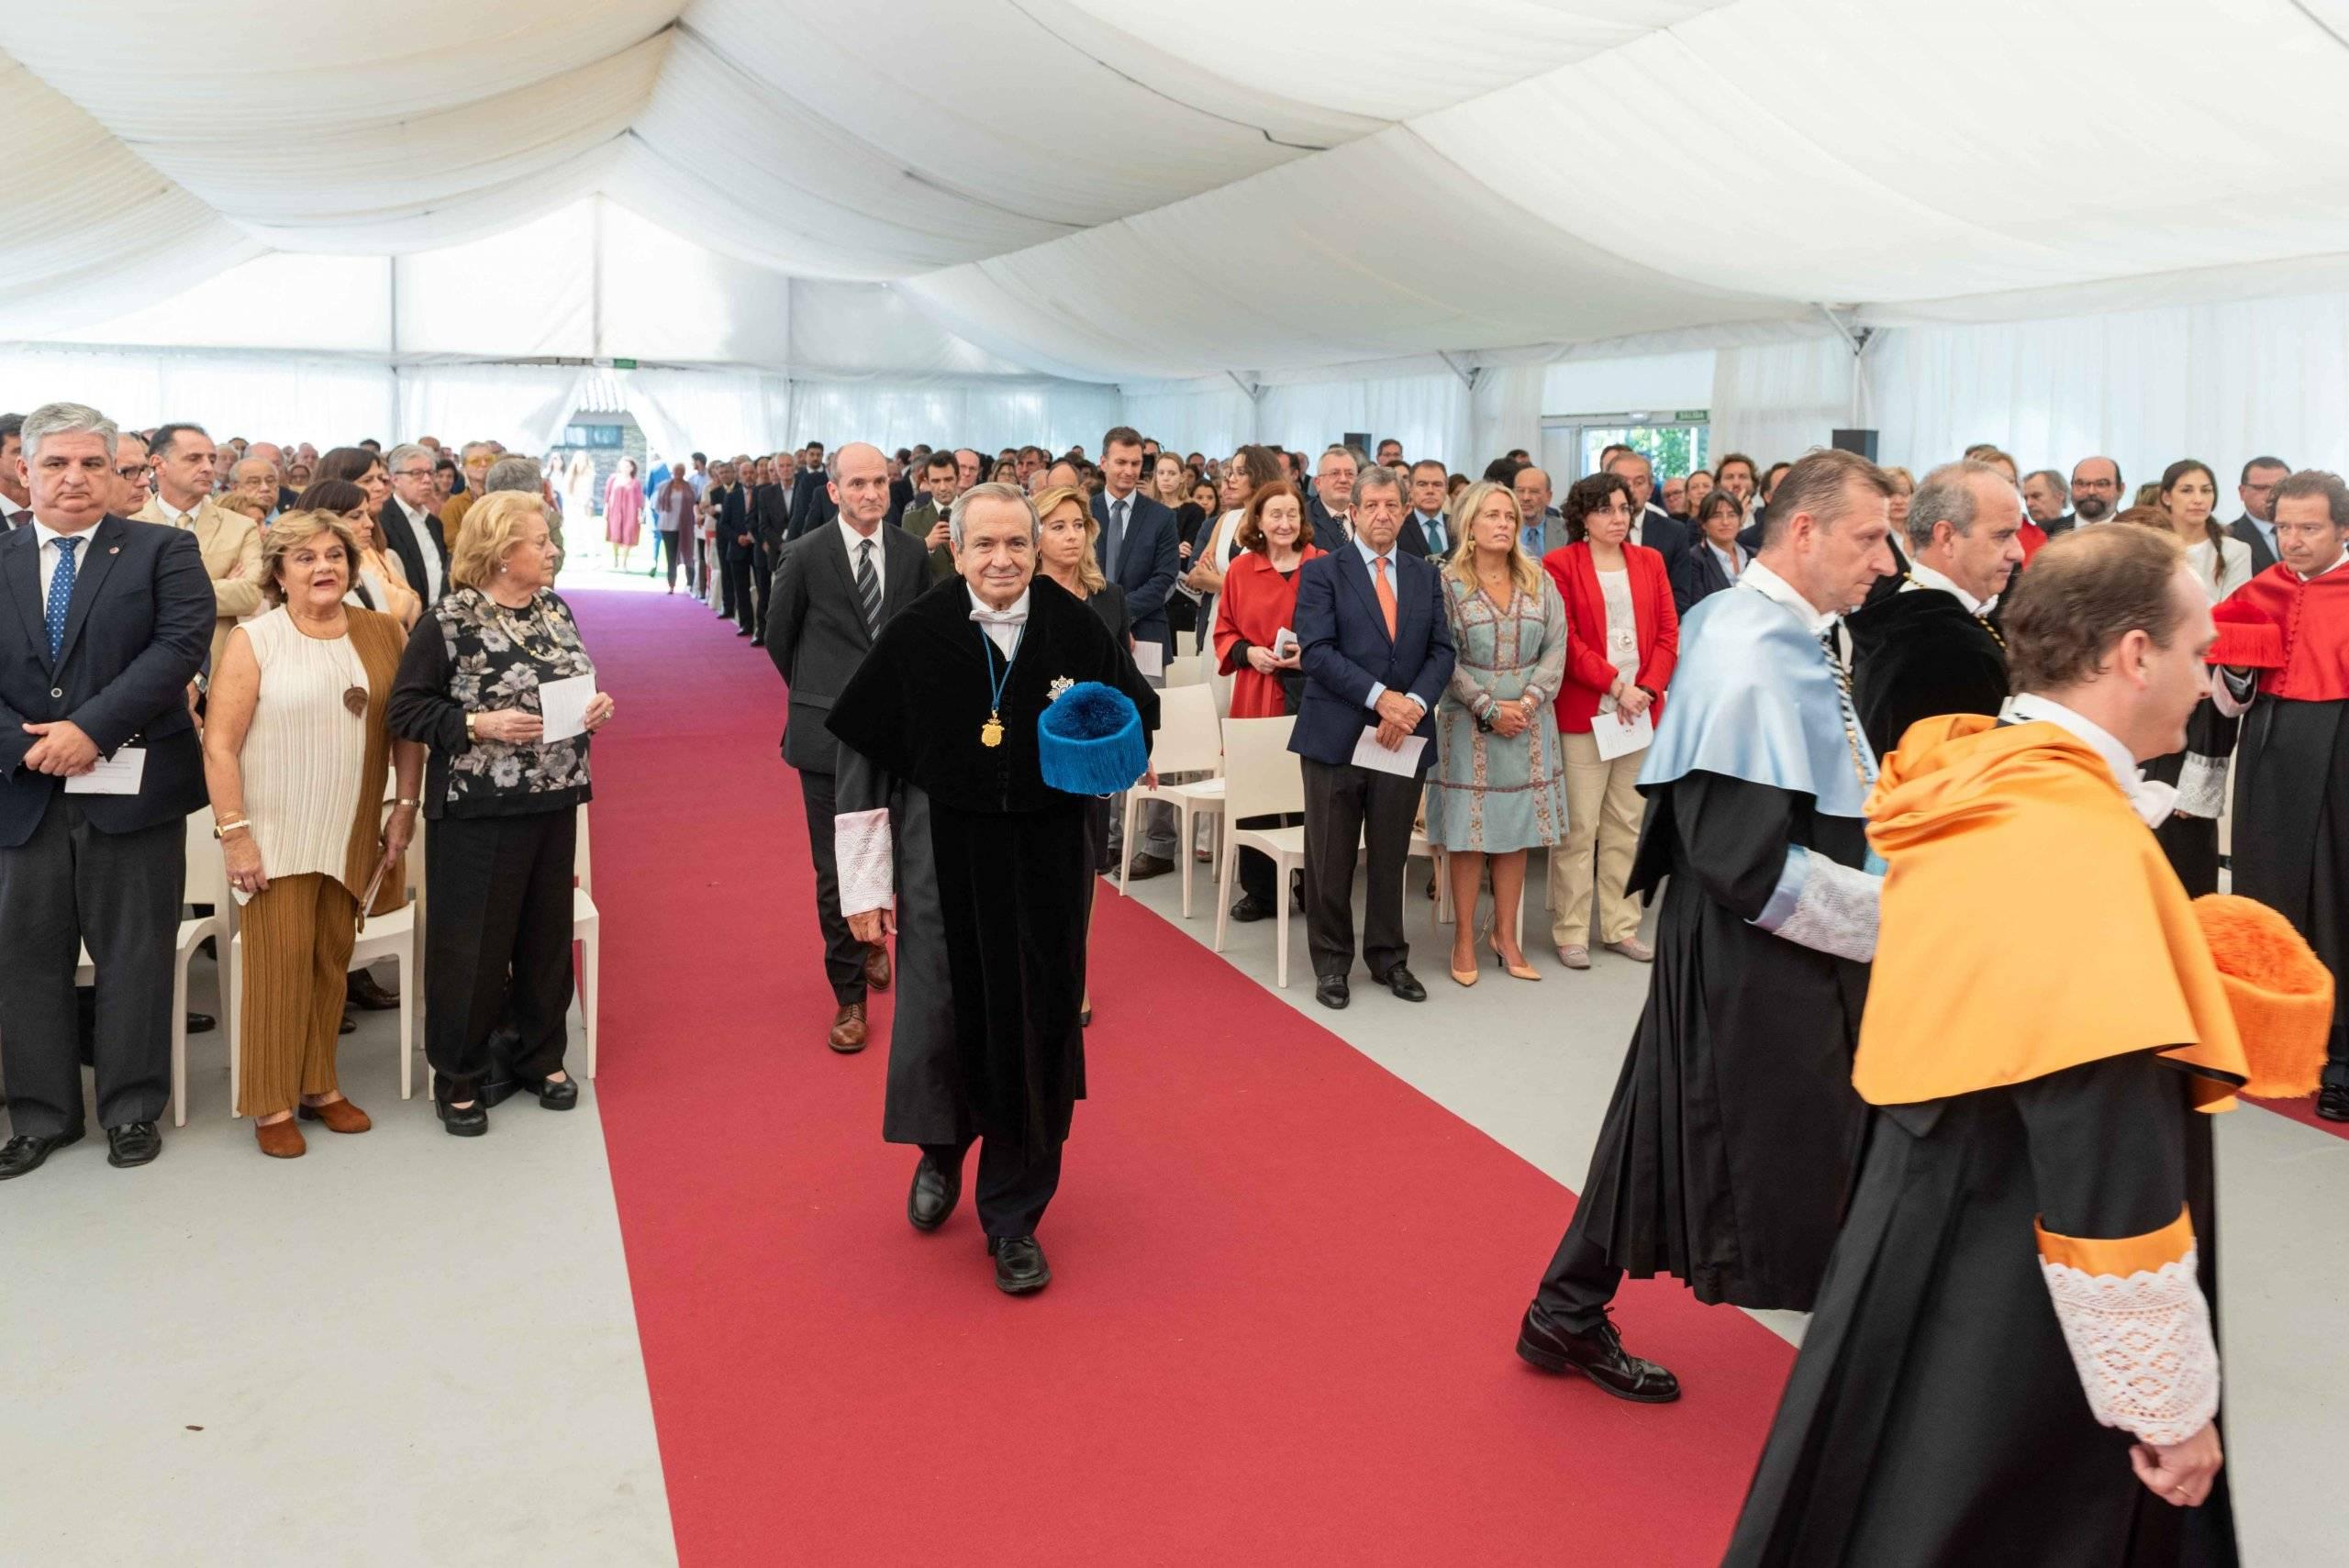 Autoridades entrando en el lugar de la ceremonia